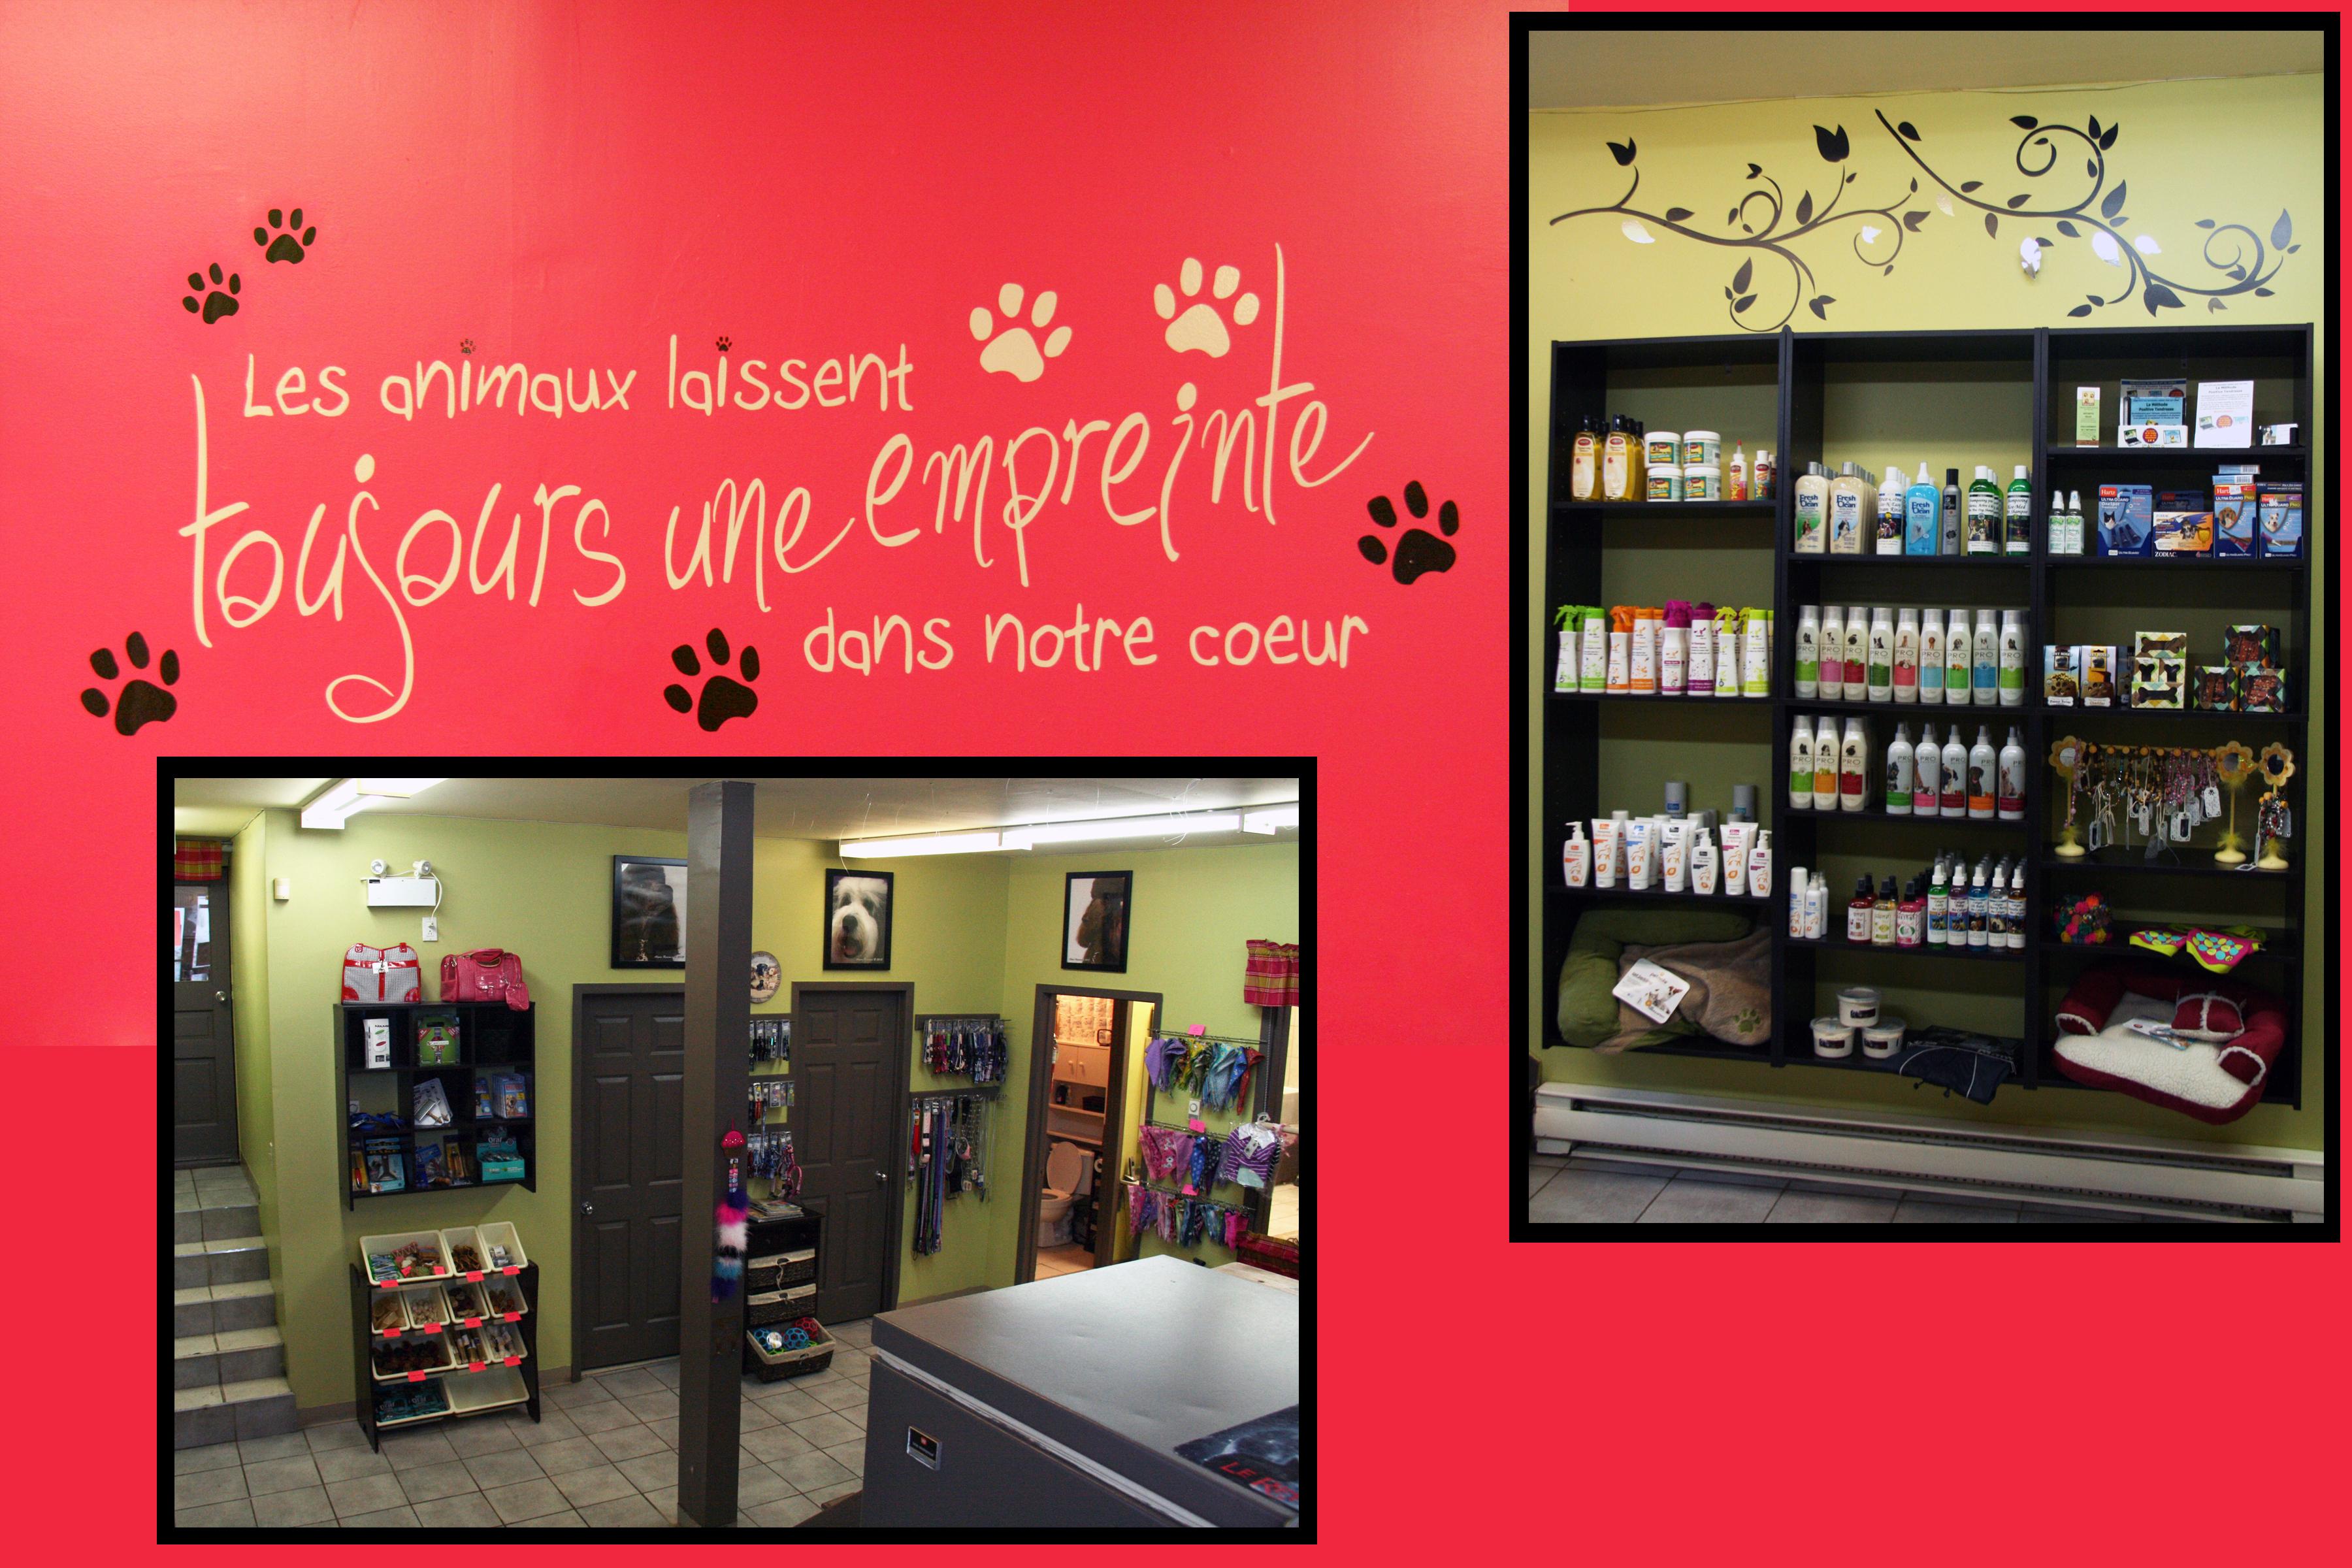 D coration salon de toilettage - Salon de chat gratuit ...